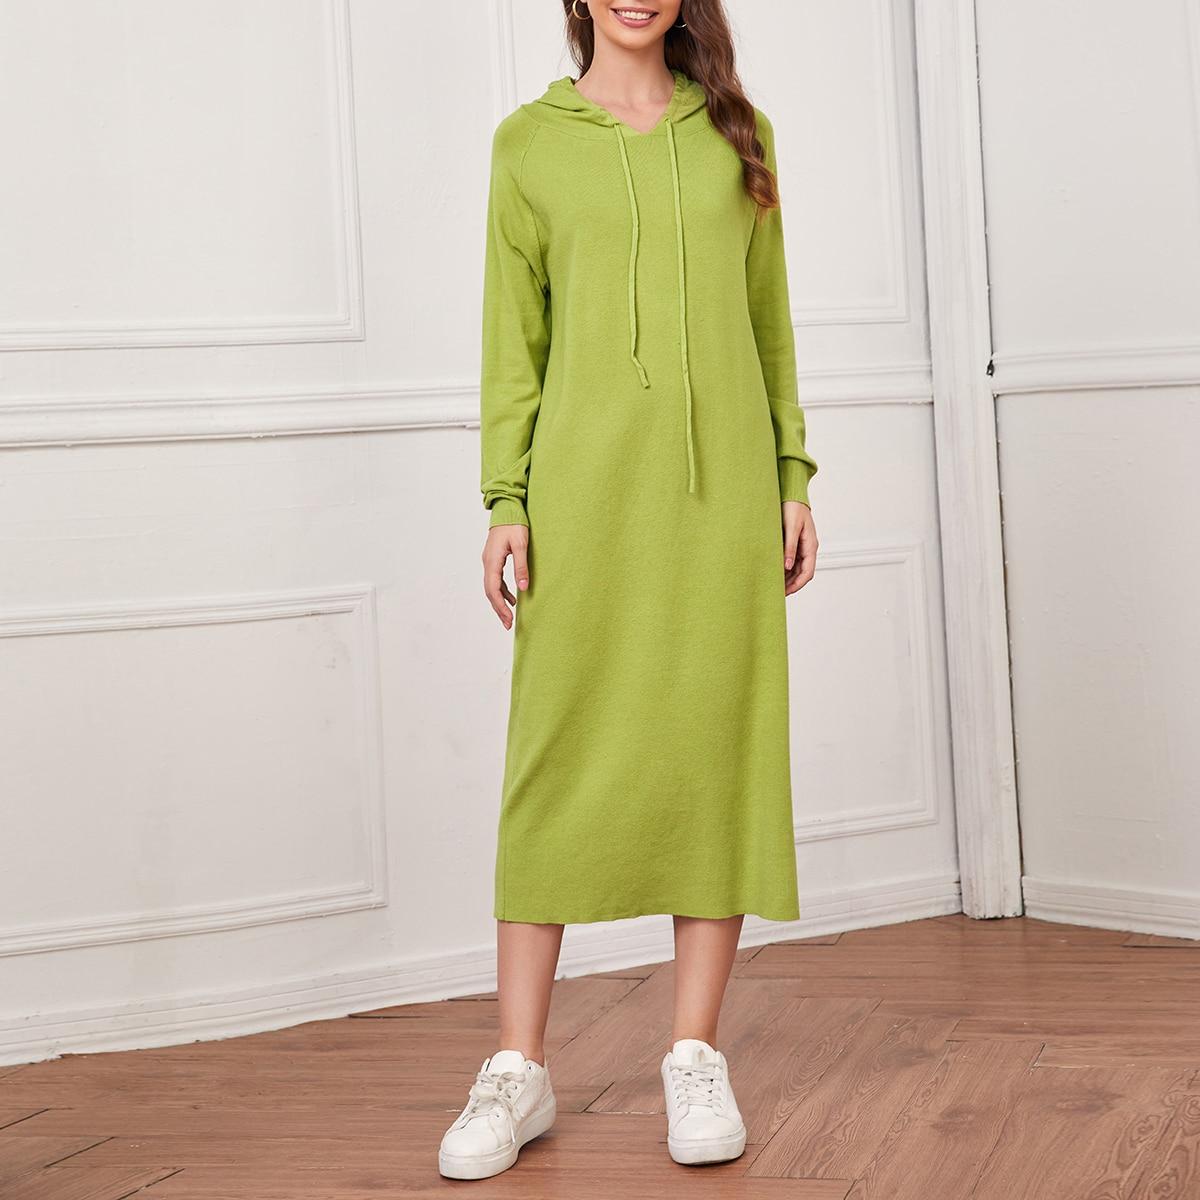 Однотонное платье-свитер на кулиске с капюшоном